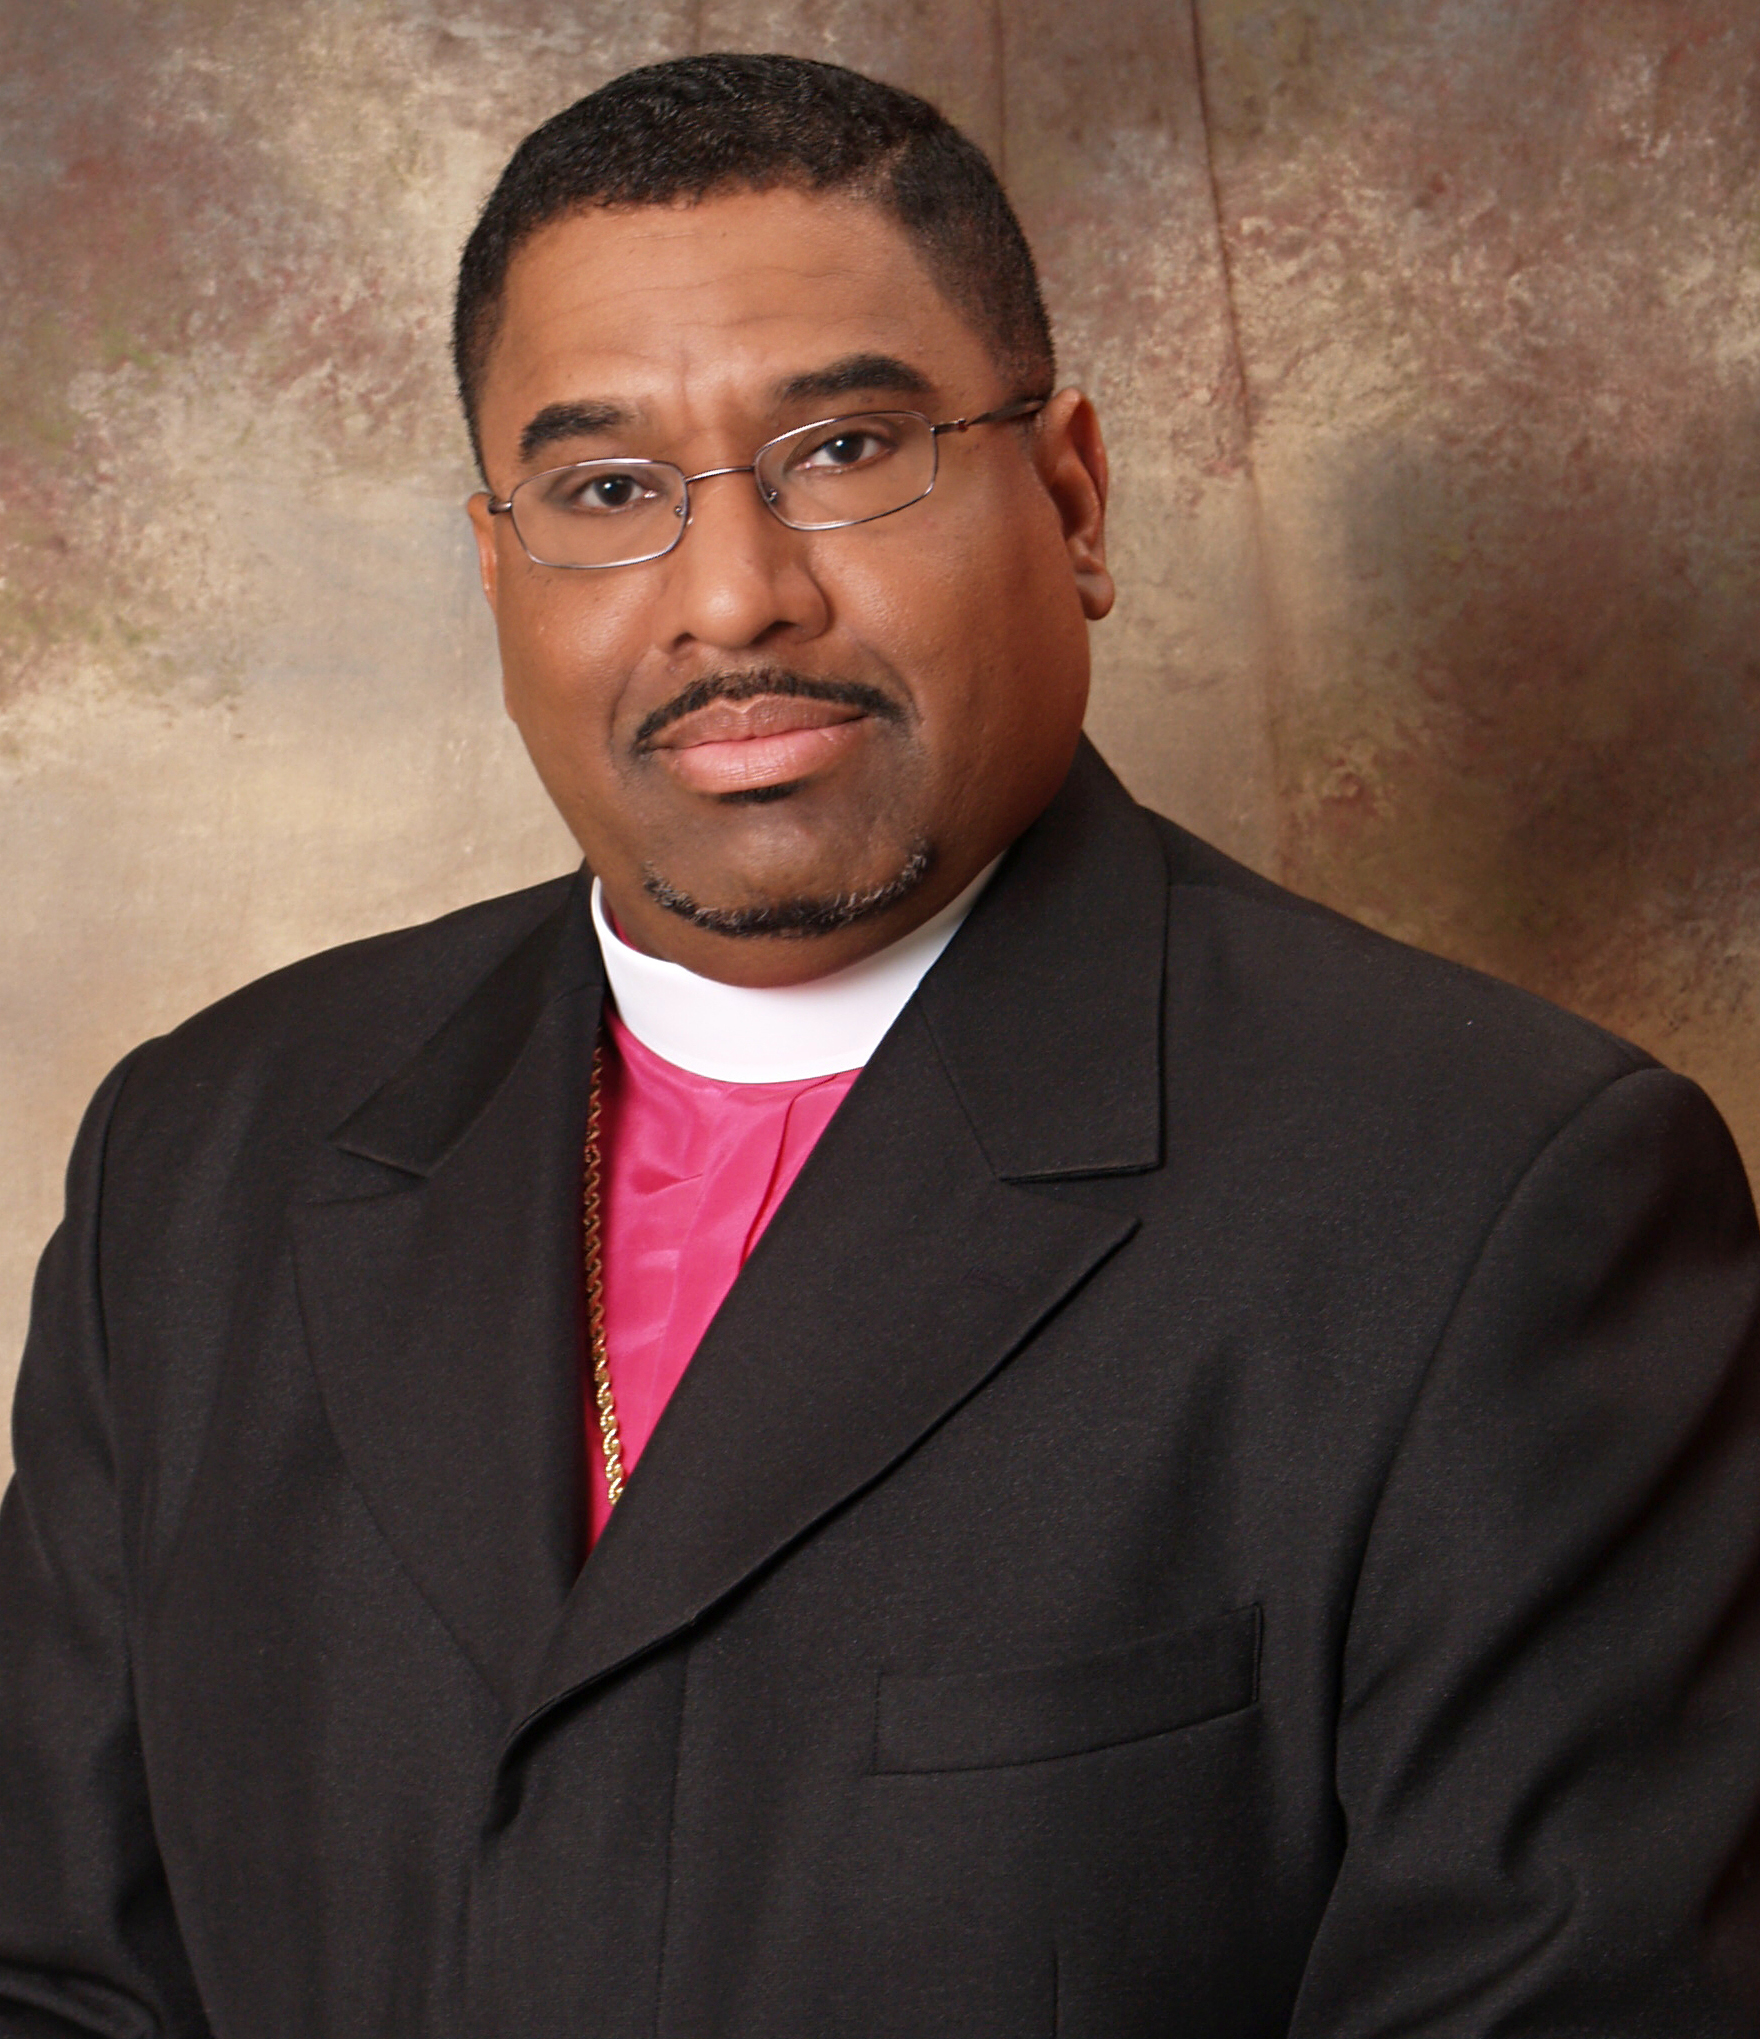 Bishop_cropped